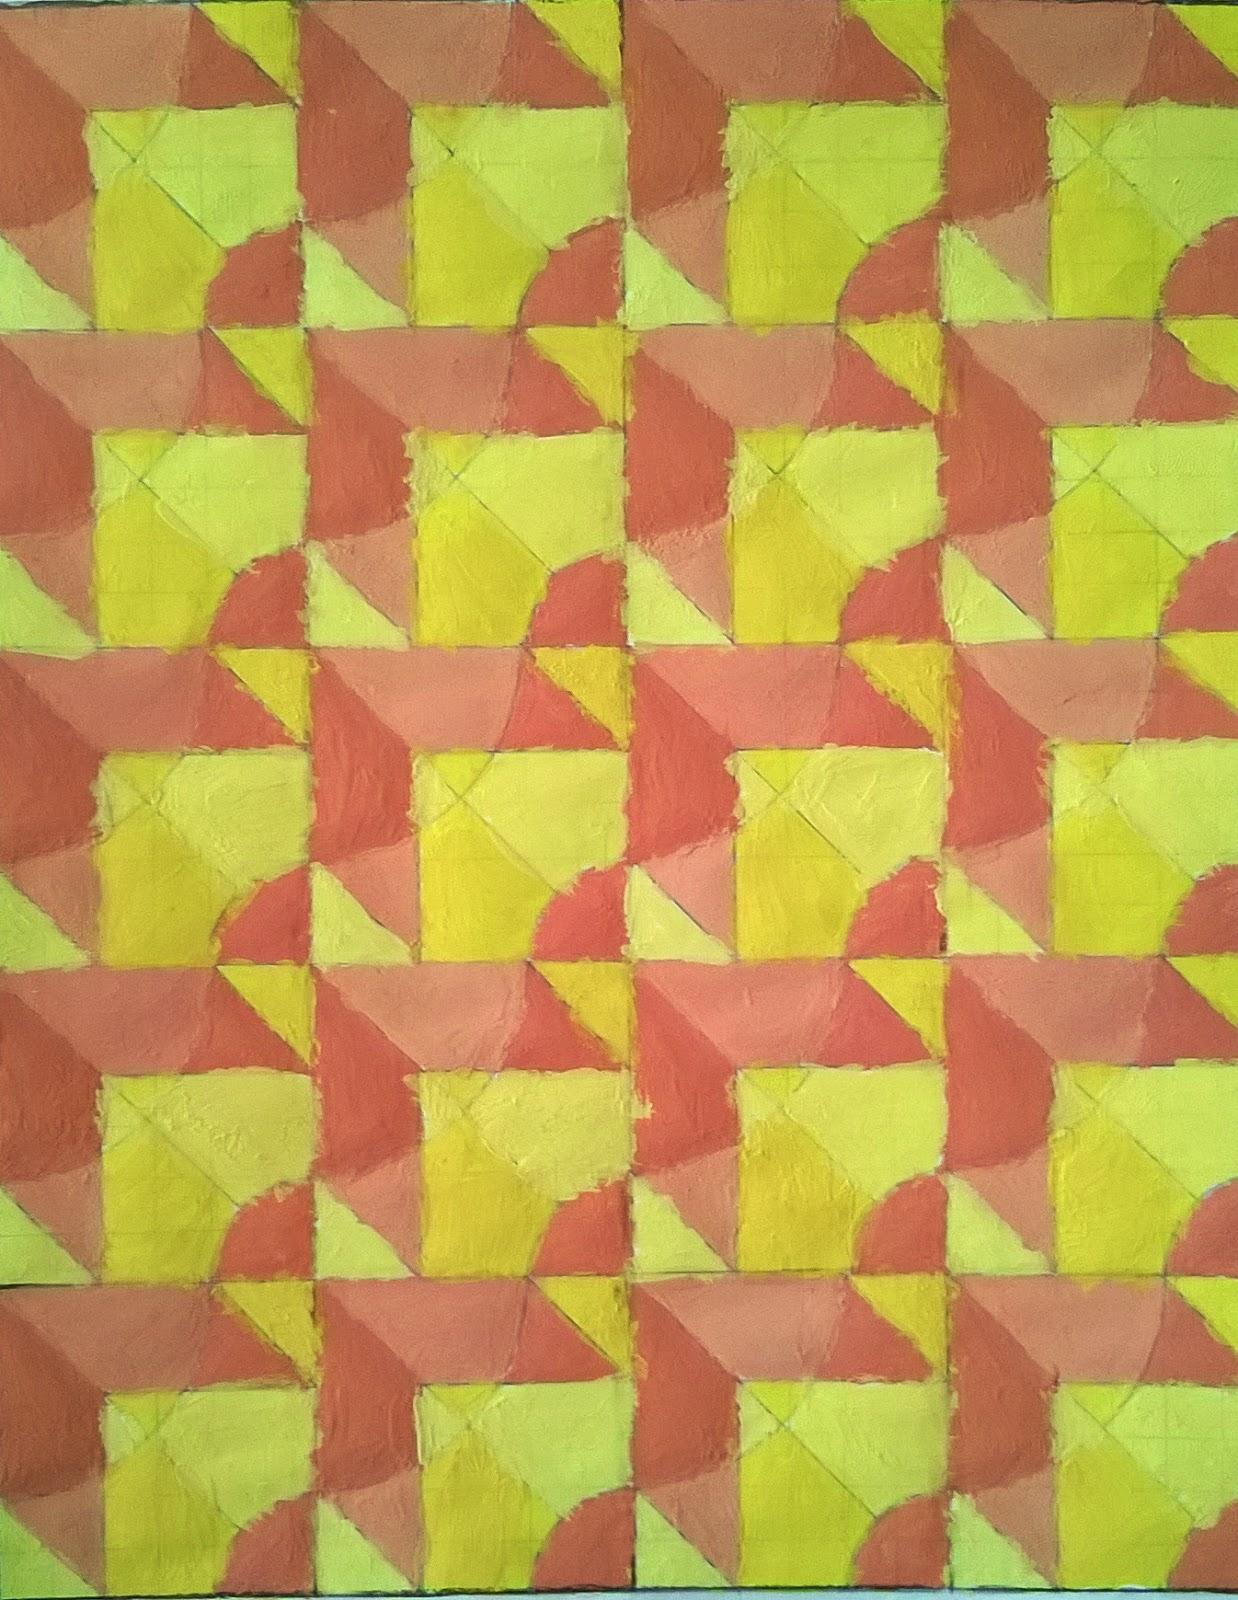 se les plante ejecutar la actividad de hacer un diseo modular de red cuadrada aplicando una gama de tonos clidos